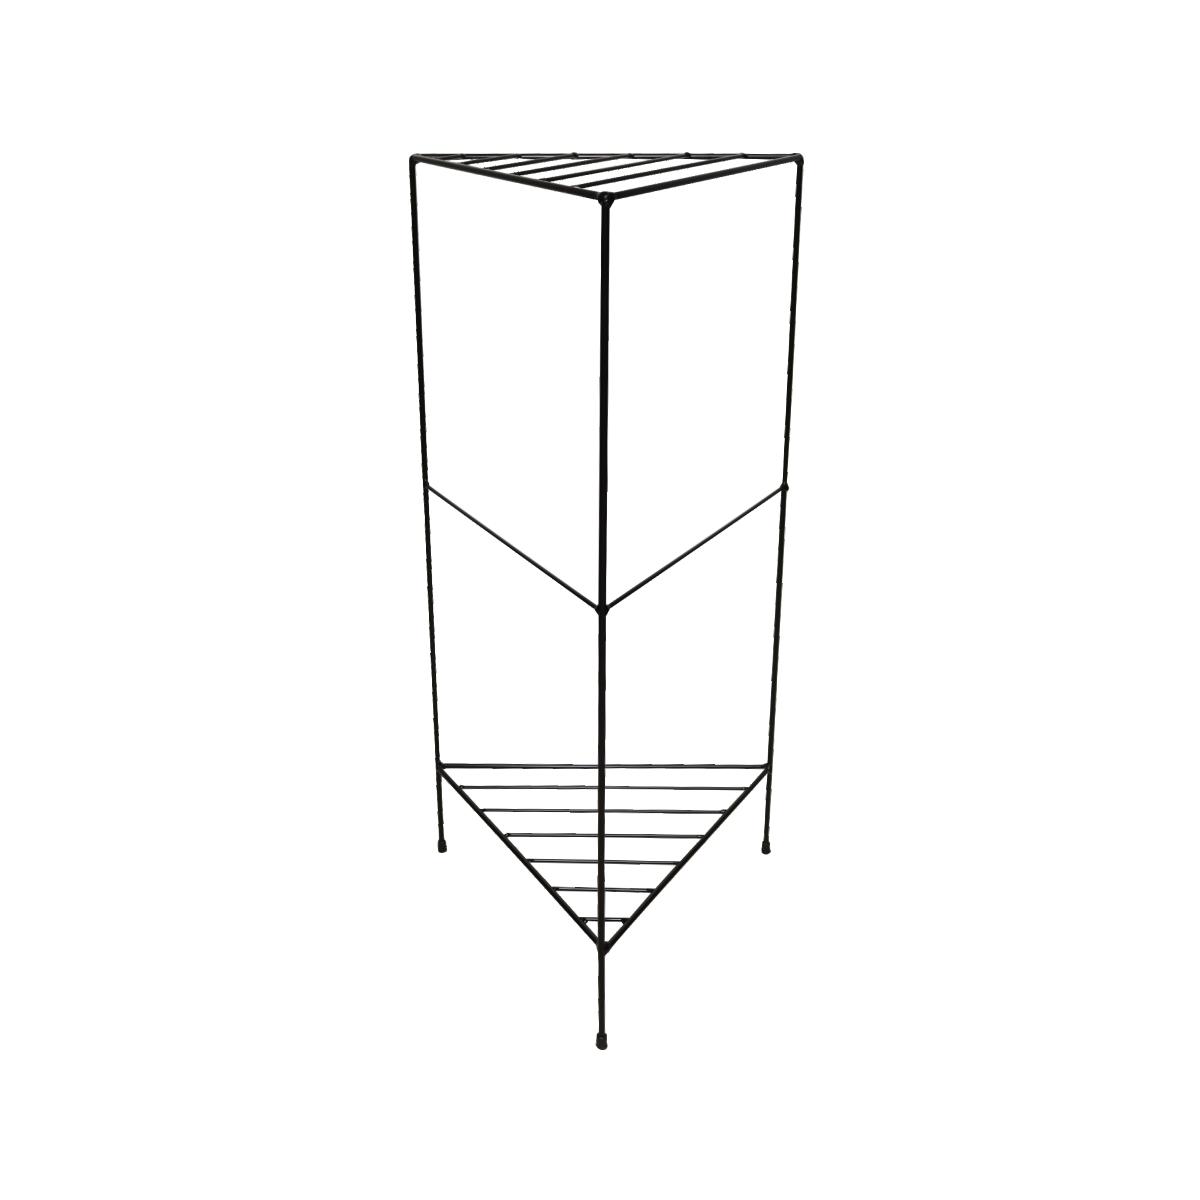 Aparador de Ferro Triangular Estilo Industrial Preto com 2 andares 75cm